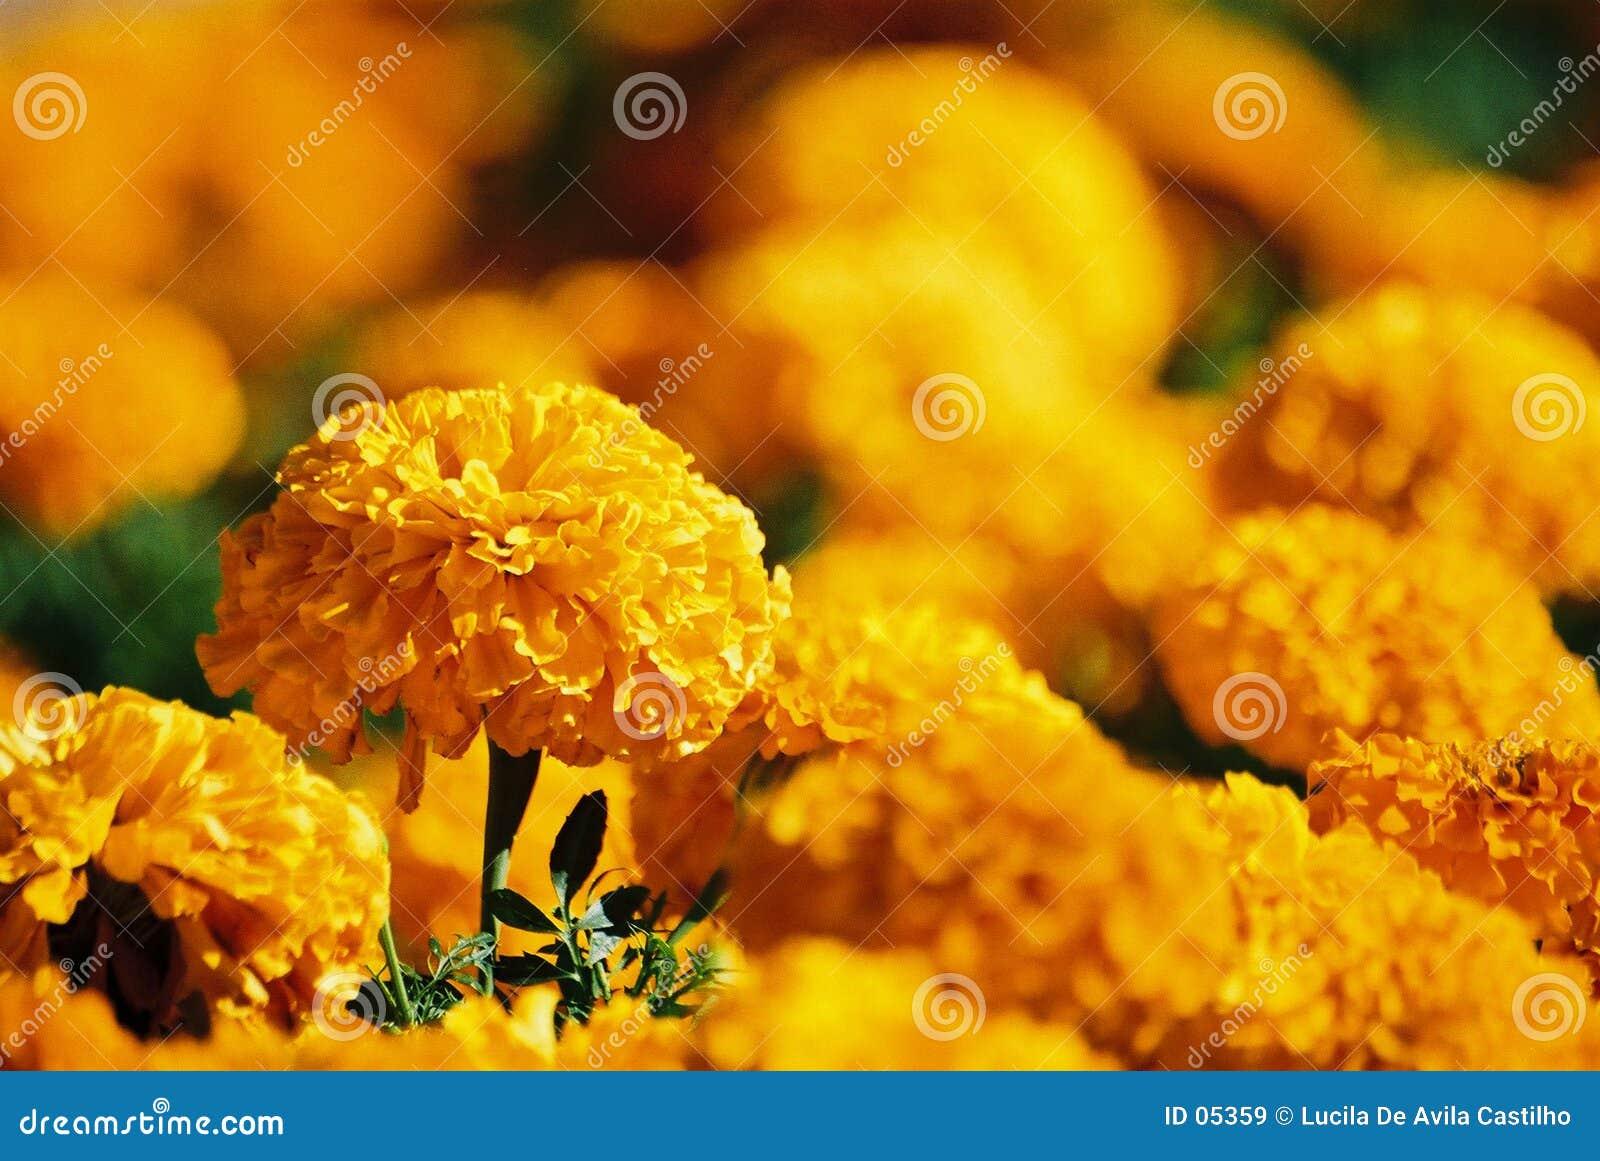 Fiori Gialli Giardino.Fiori Gialli Immagine Stock Immagine Di Fiore Molla Delicato 5359